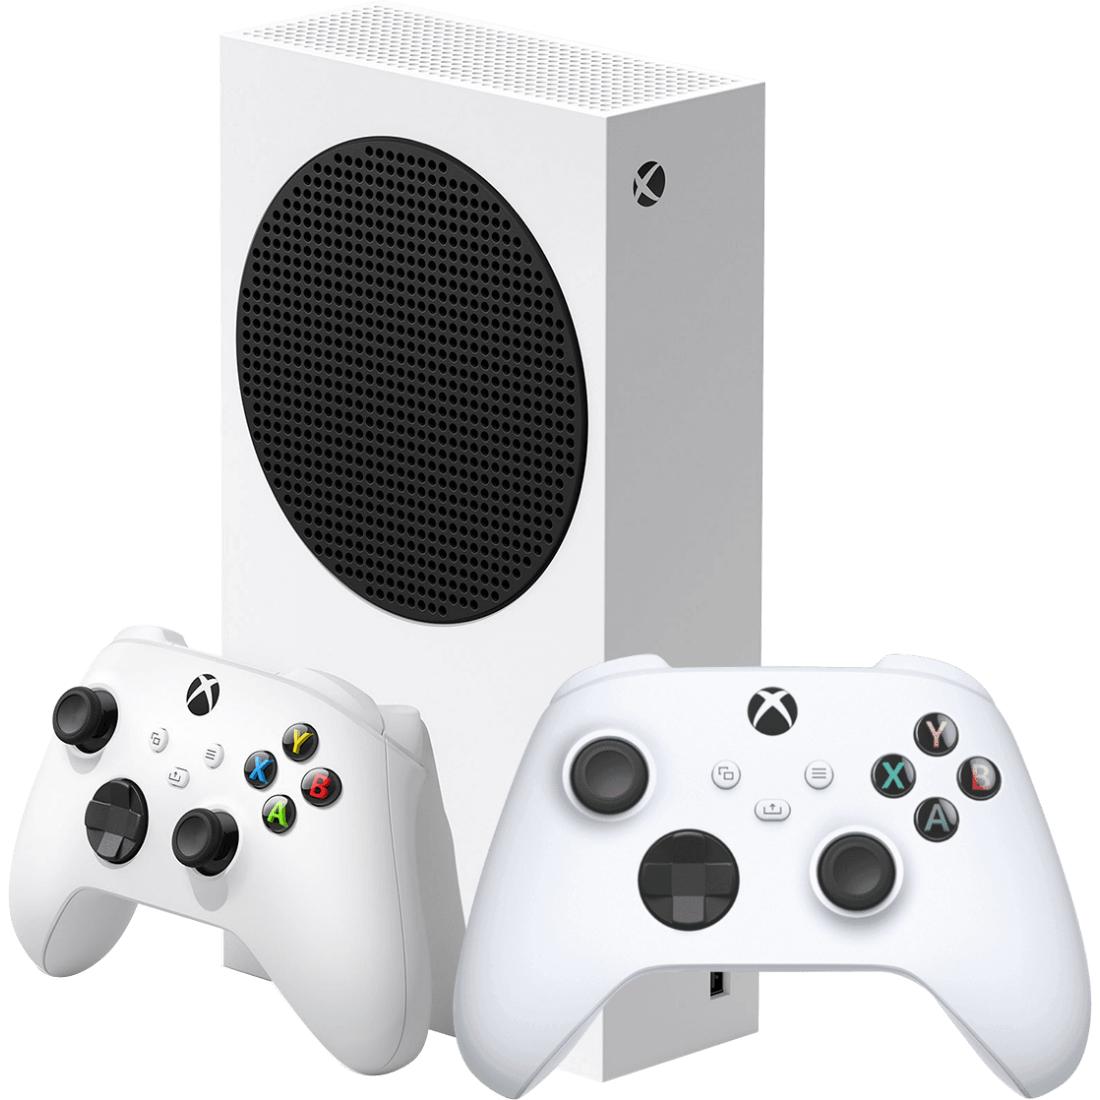 Xbox Series S z dodatkowym padem (Play bez abomanentu)